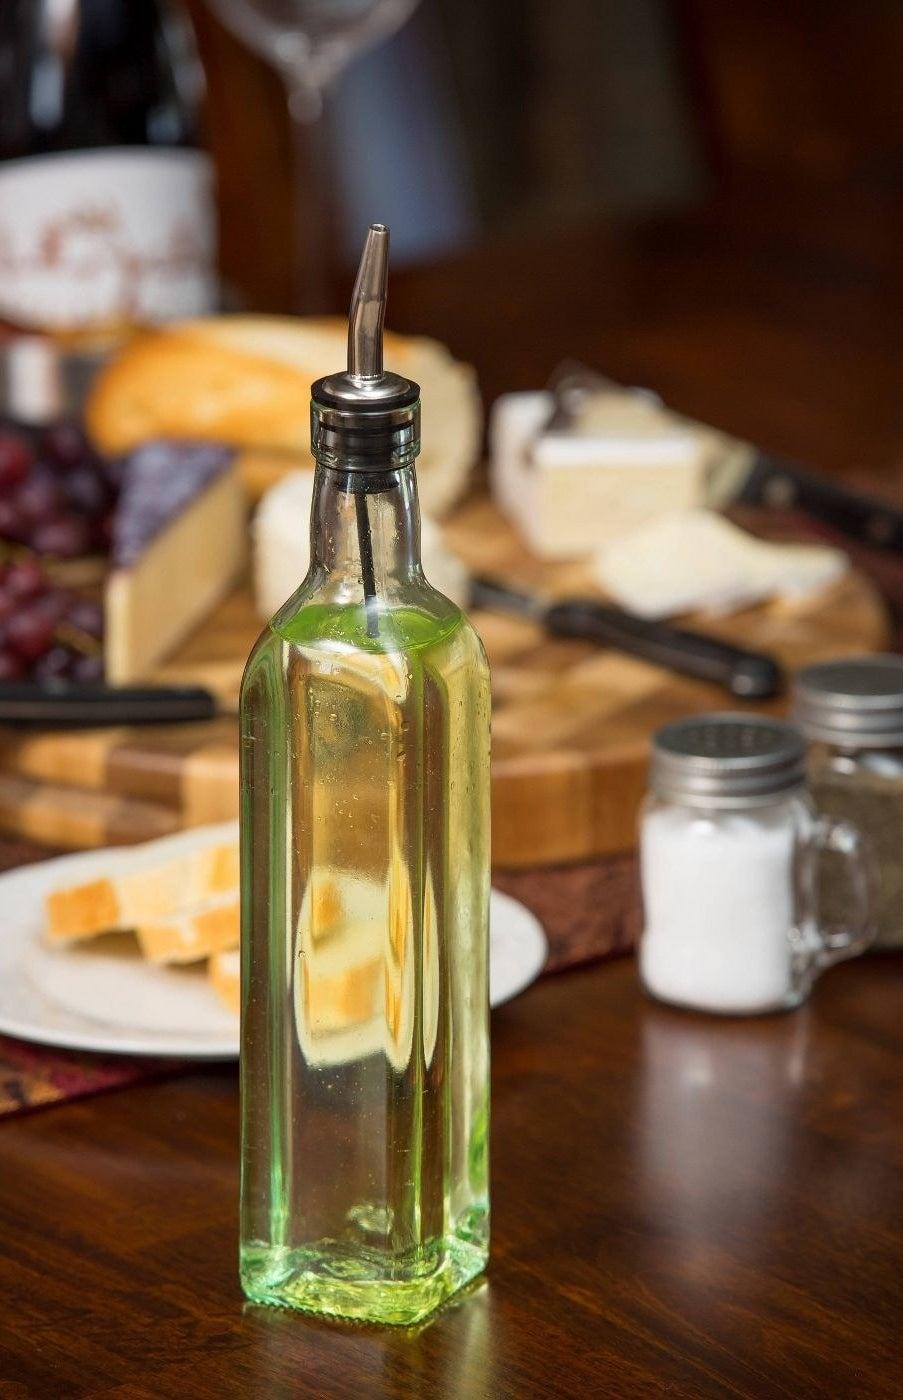 olive oil dispenser filled with olive oil